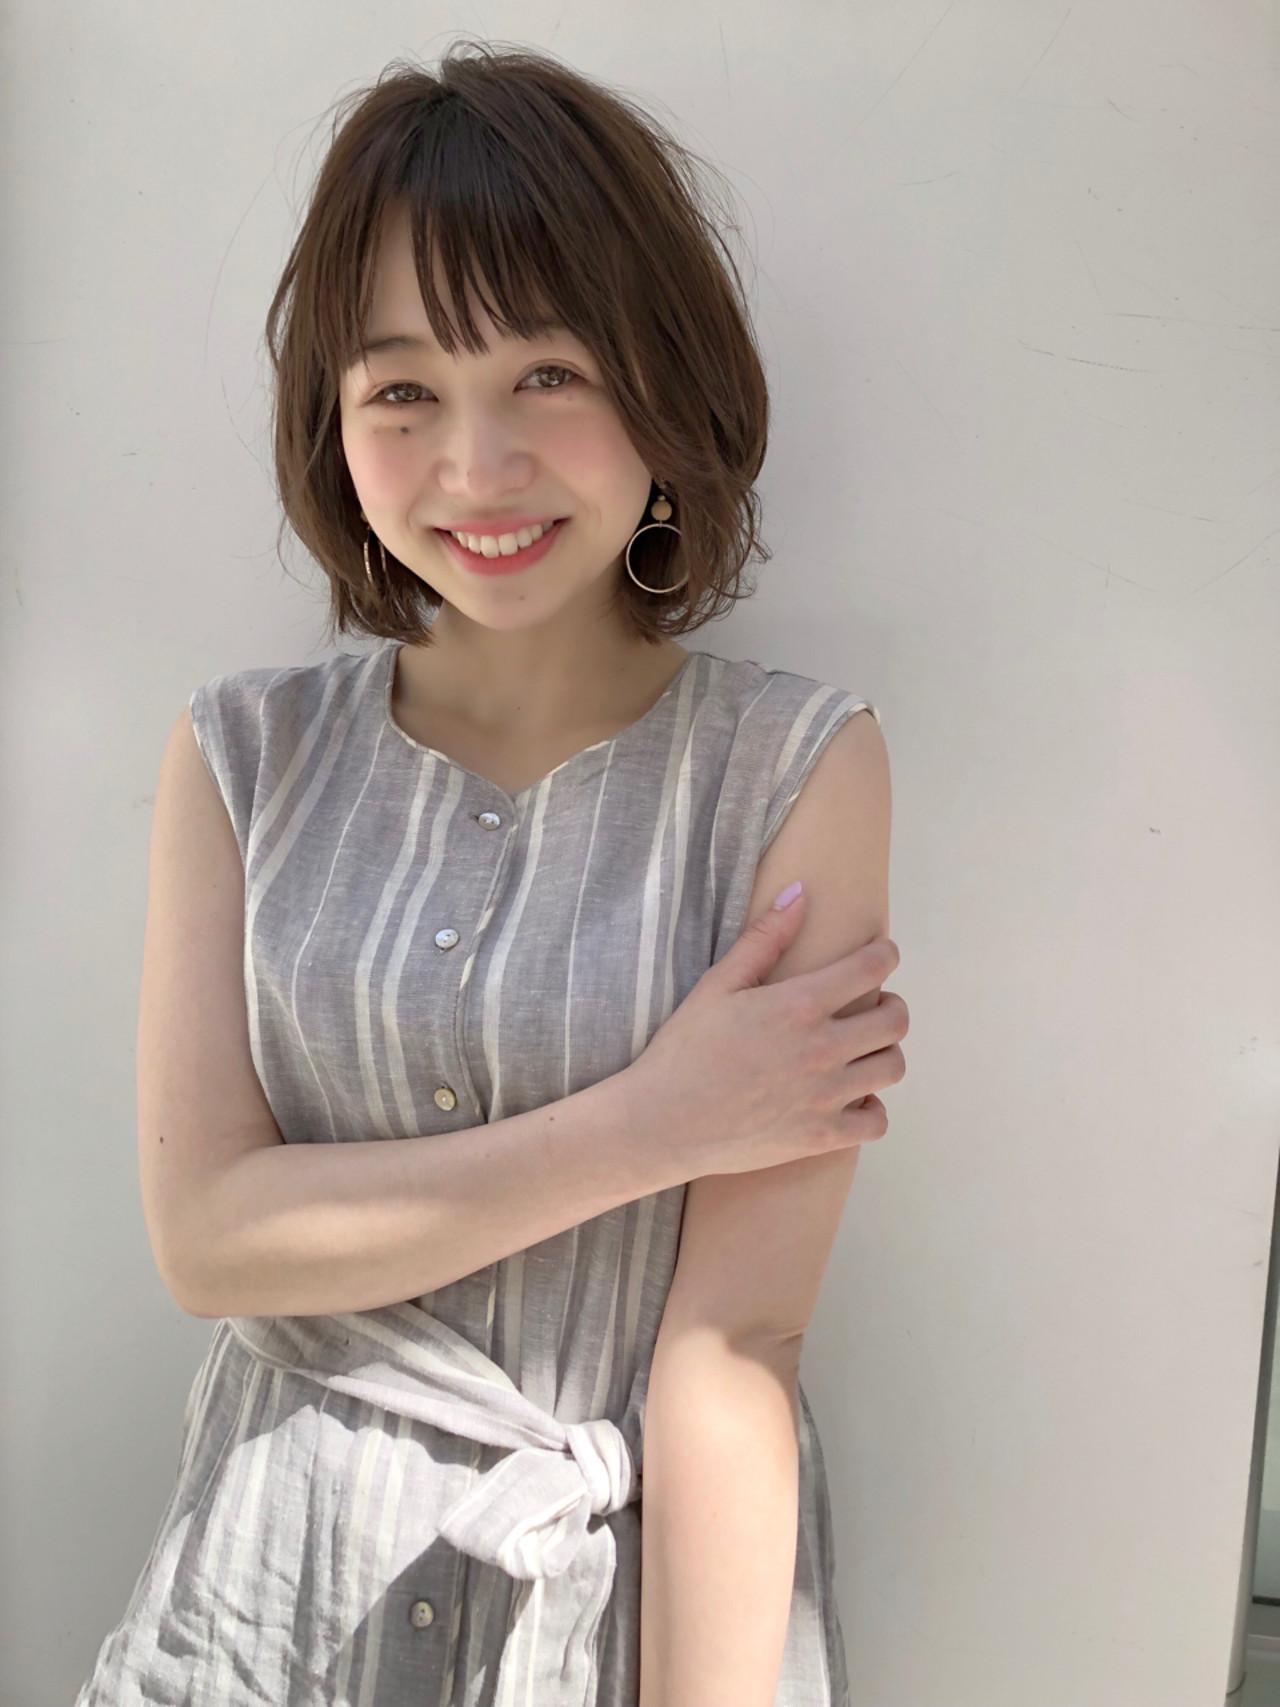 愛され アンニュイ ゆるふわ ショート ヘアスタイルや髪型の写真・画像 | ナガヤ アキラ joemi 新宿 / joemi by Un ami